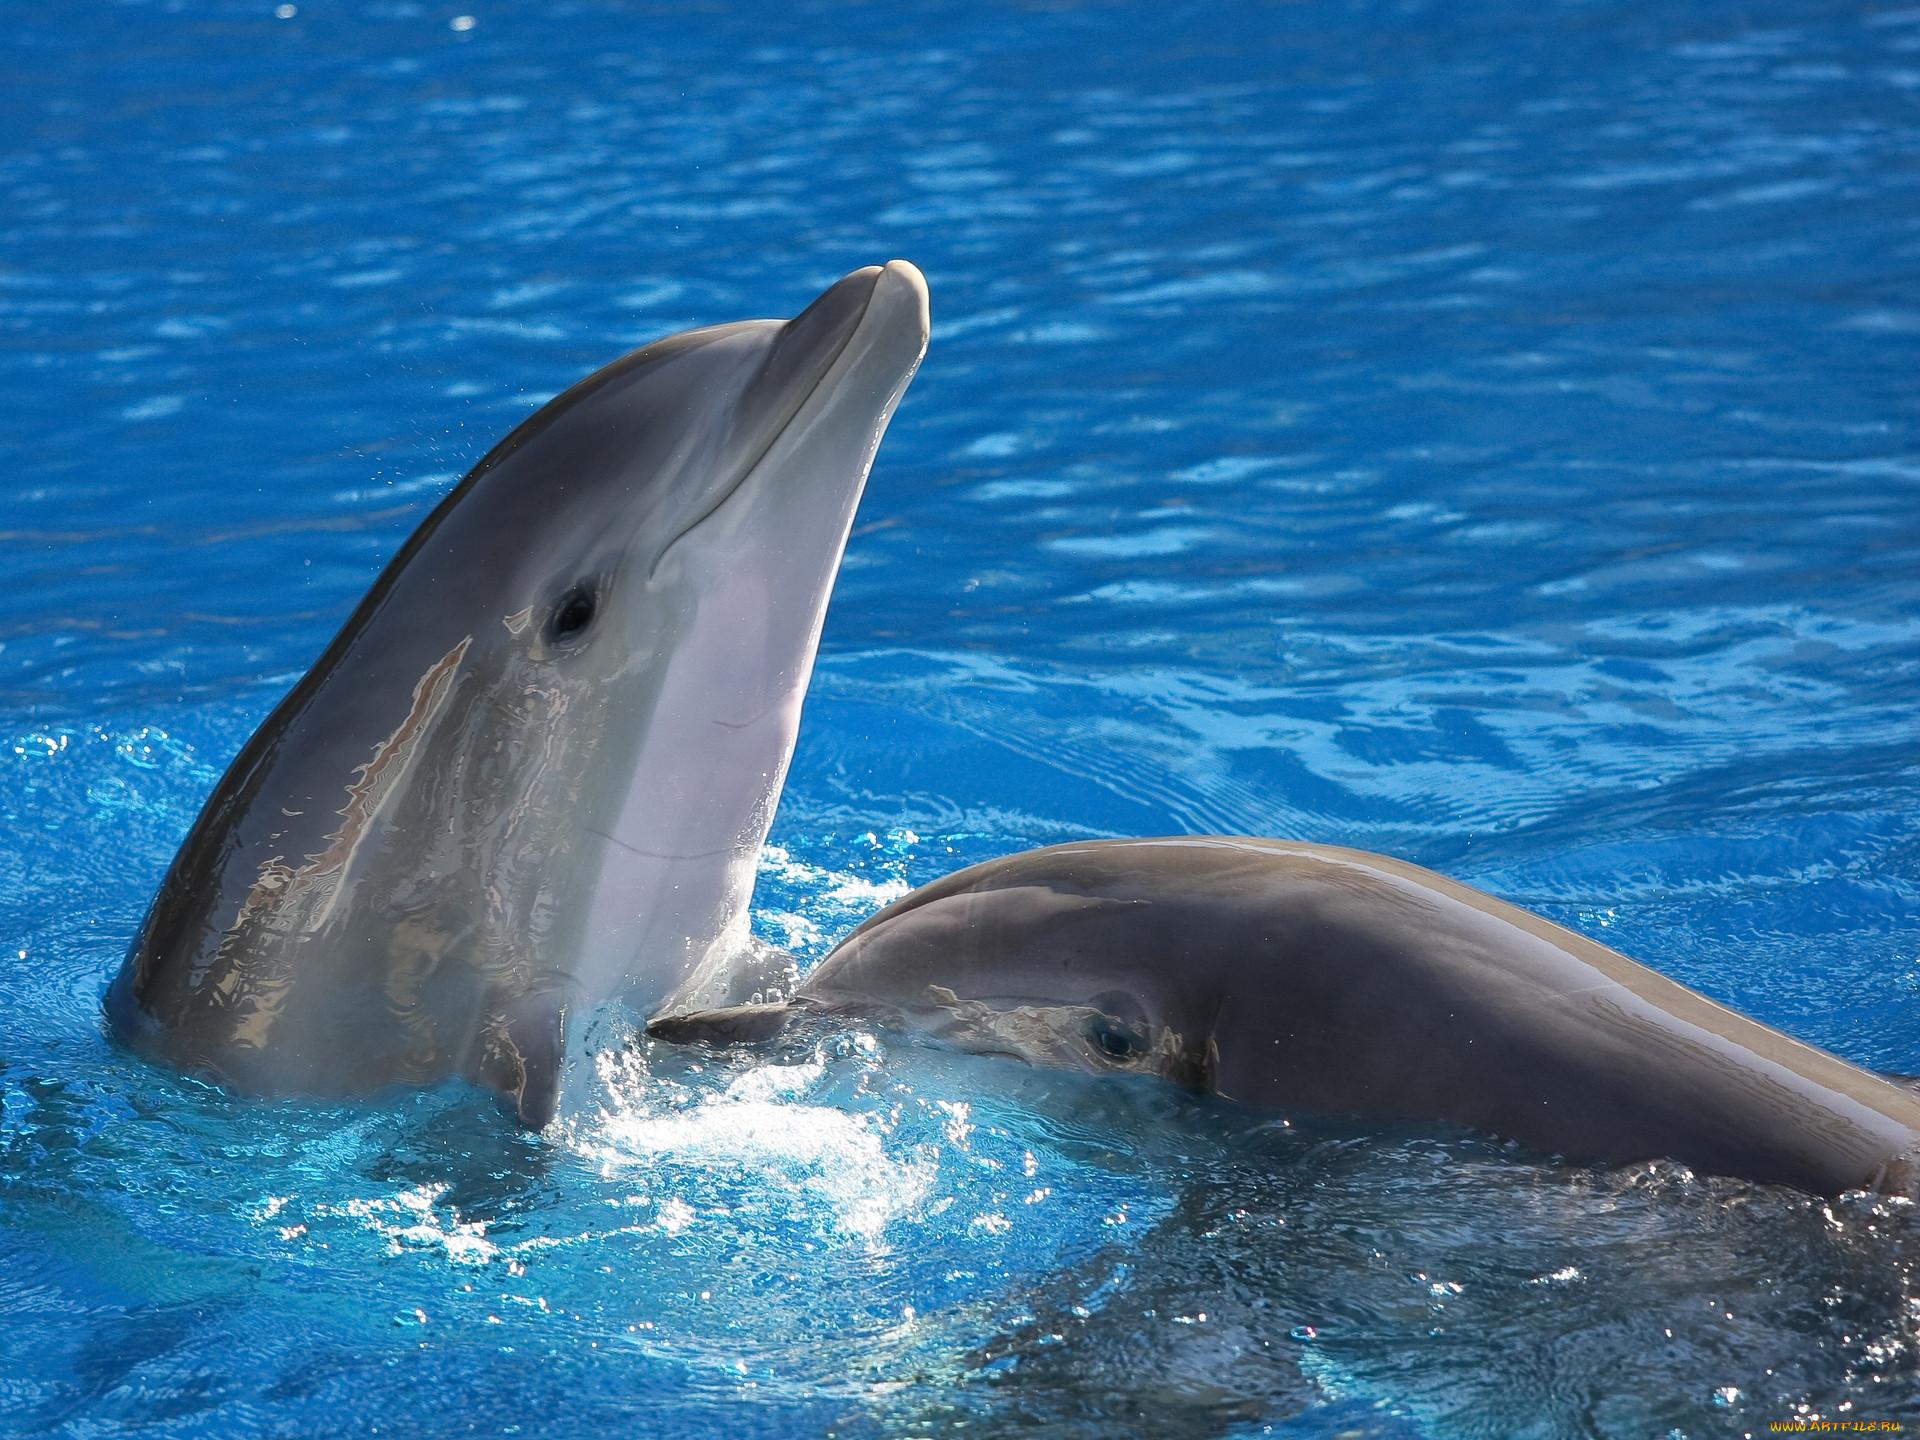 дельфин фото животное картинки начала толкаться